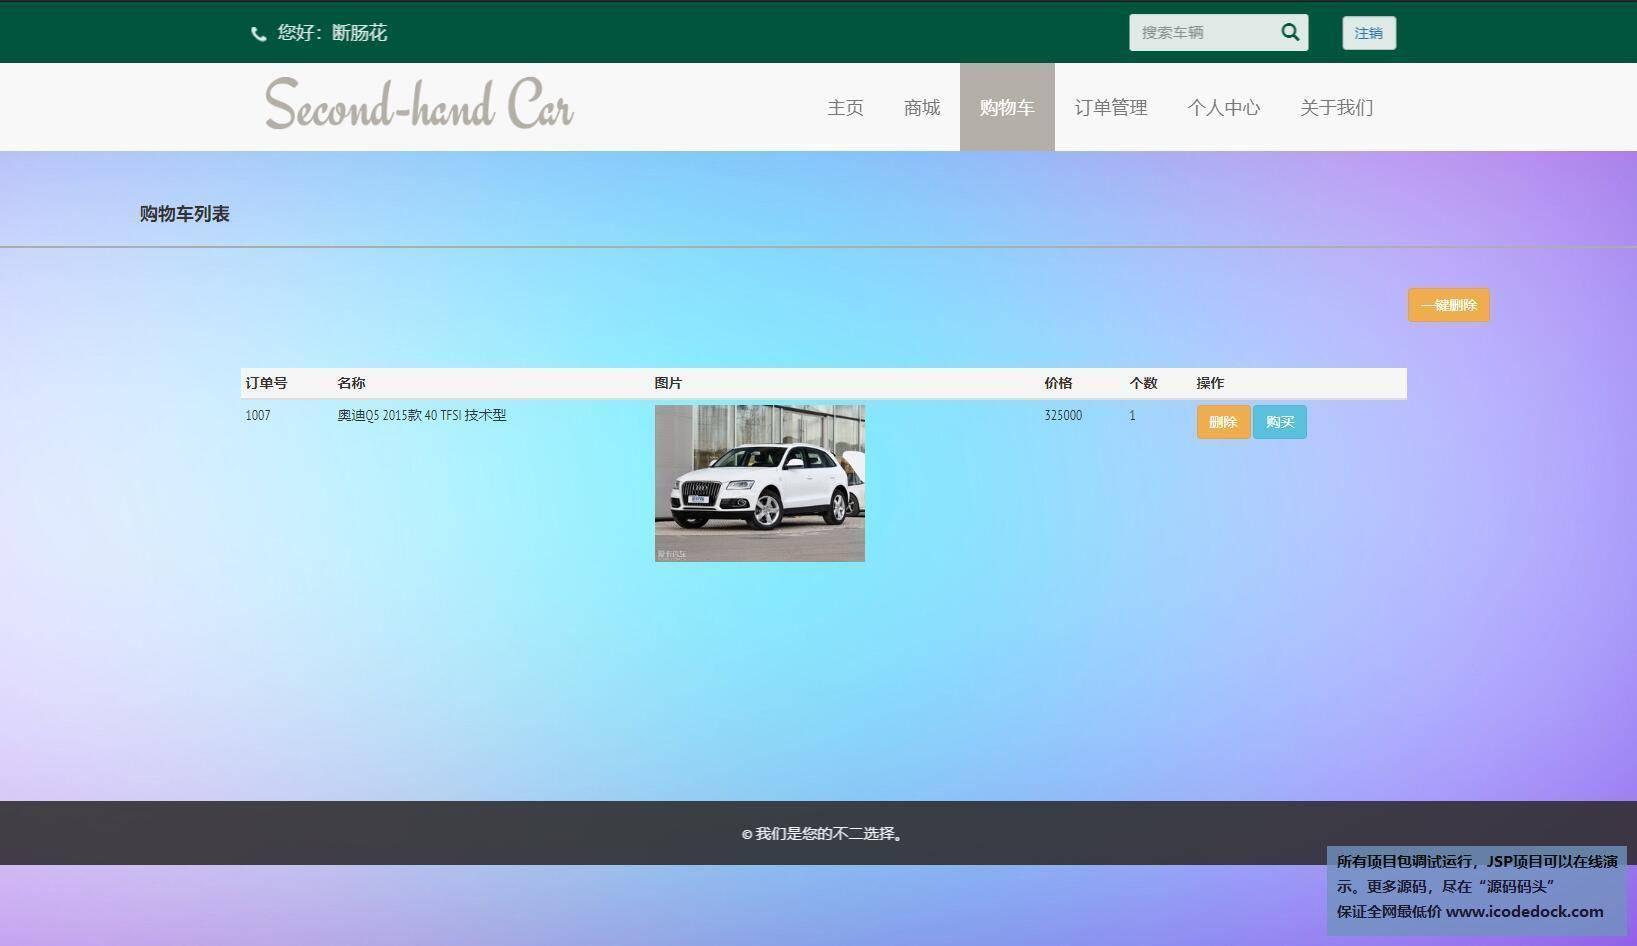 源码码头-SSM二手汽车交易商城网站管理系统-用户角色-查看购物车